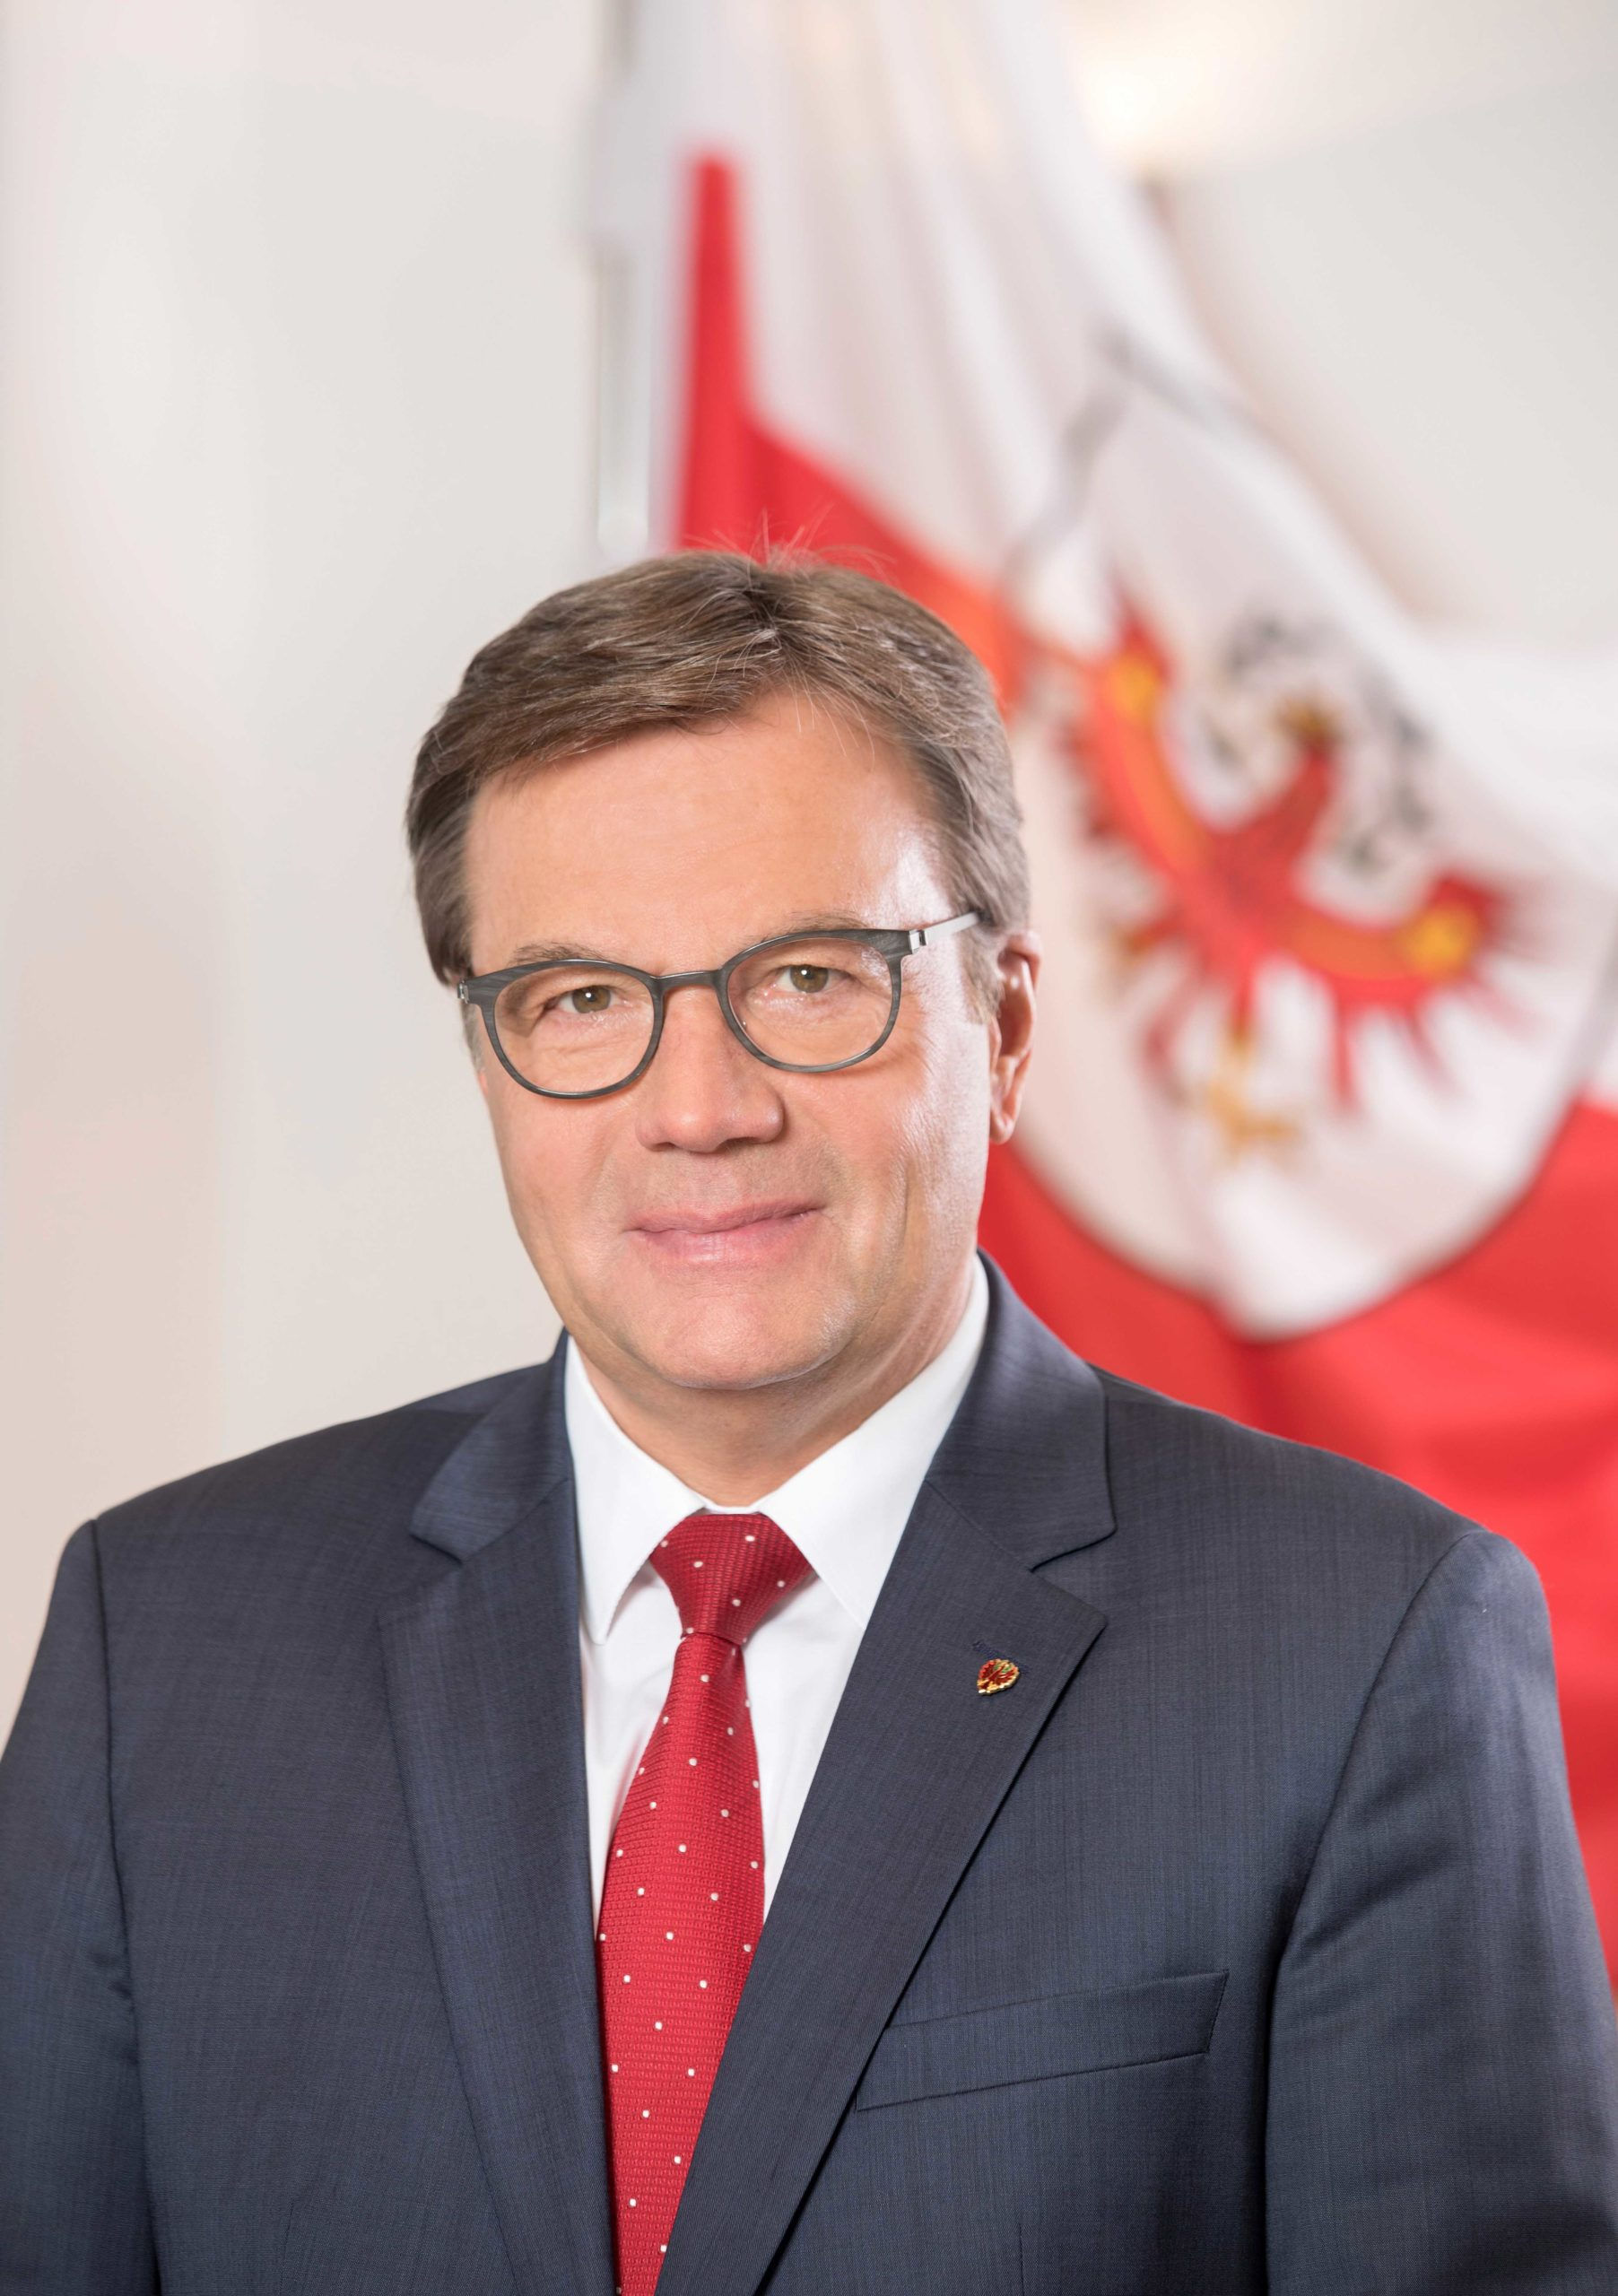 Alpenregionstreffen 2020: Landeshauptmann Günther Platter übernimmt Schirmherrschaft